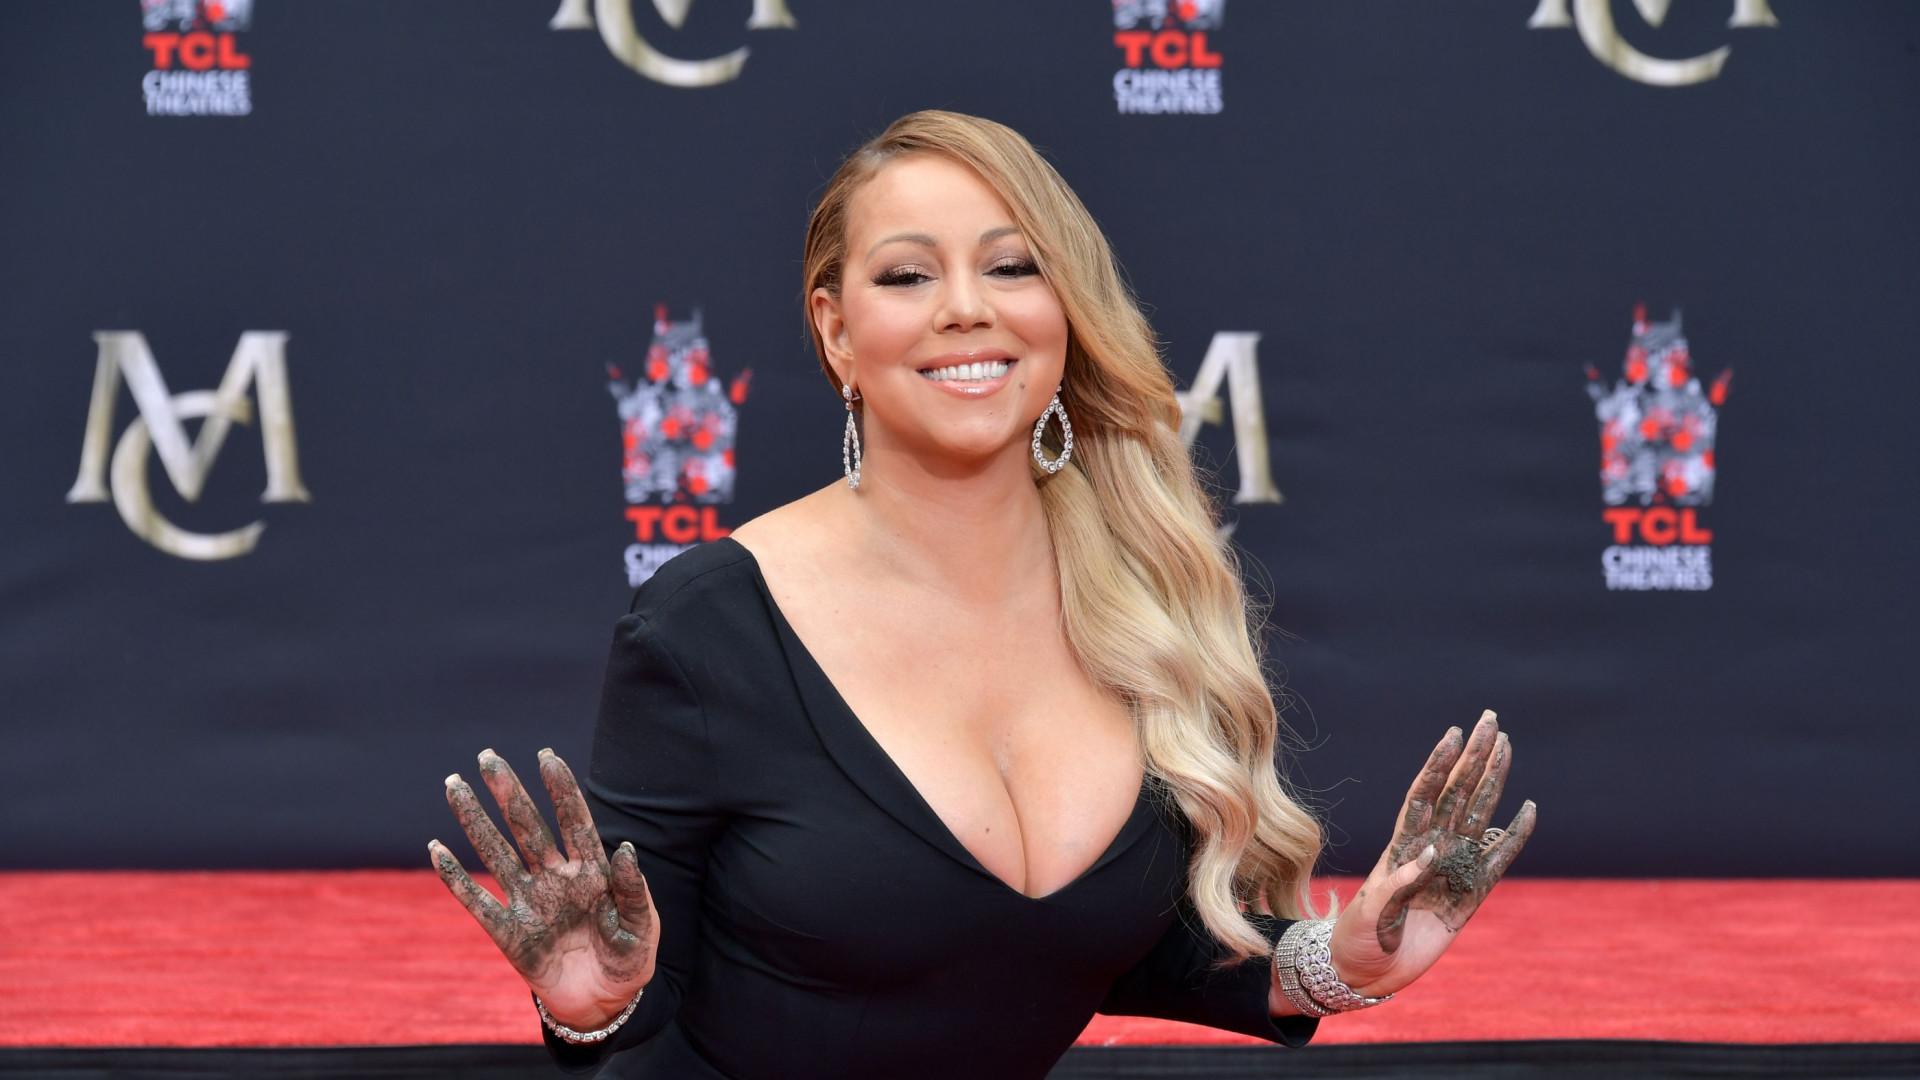 Mania de diva funcion rios queixam se das exig ncias de mariah carey - Mariah carey diva ...